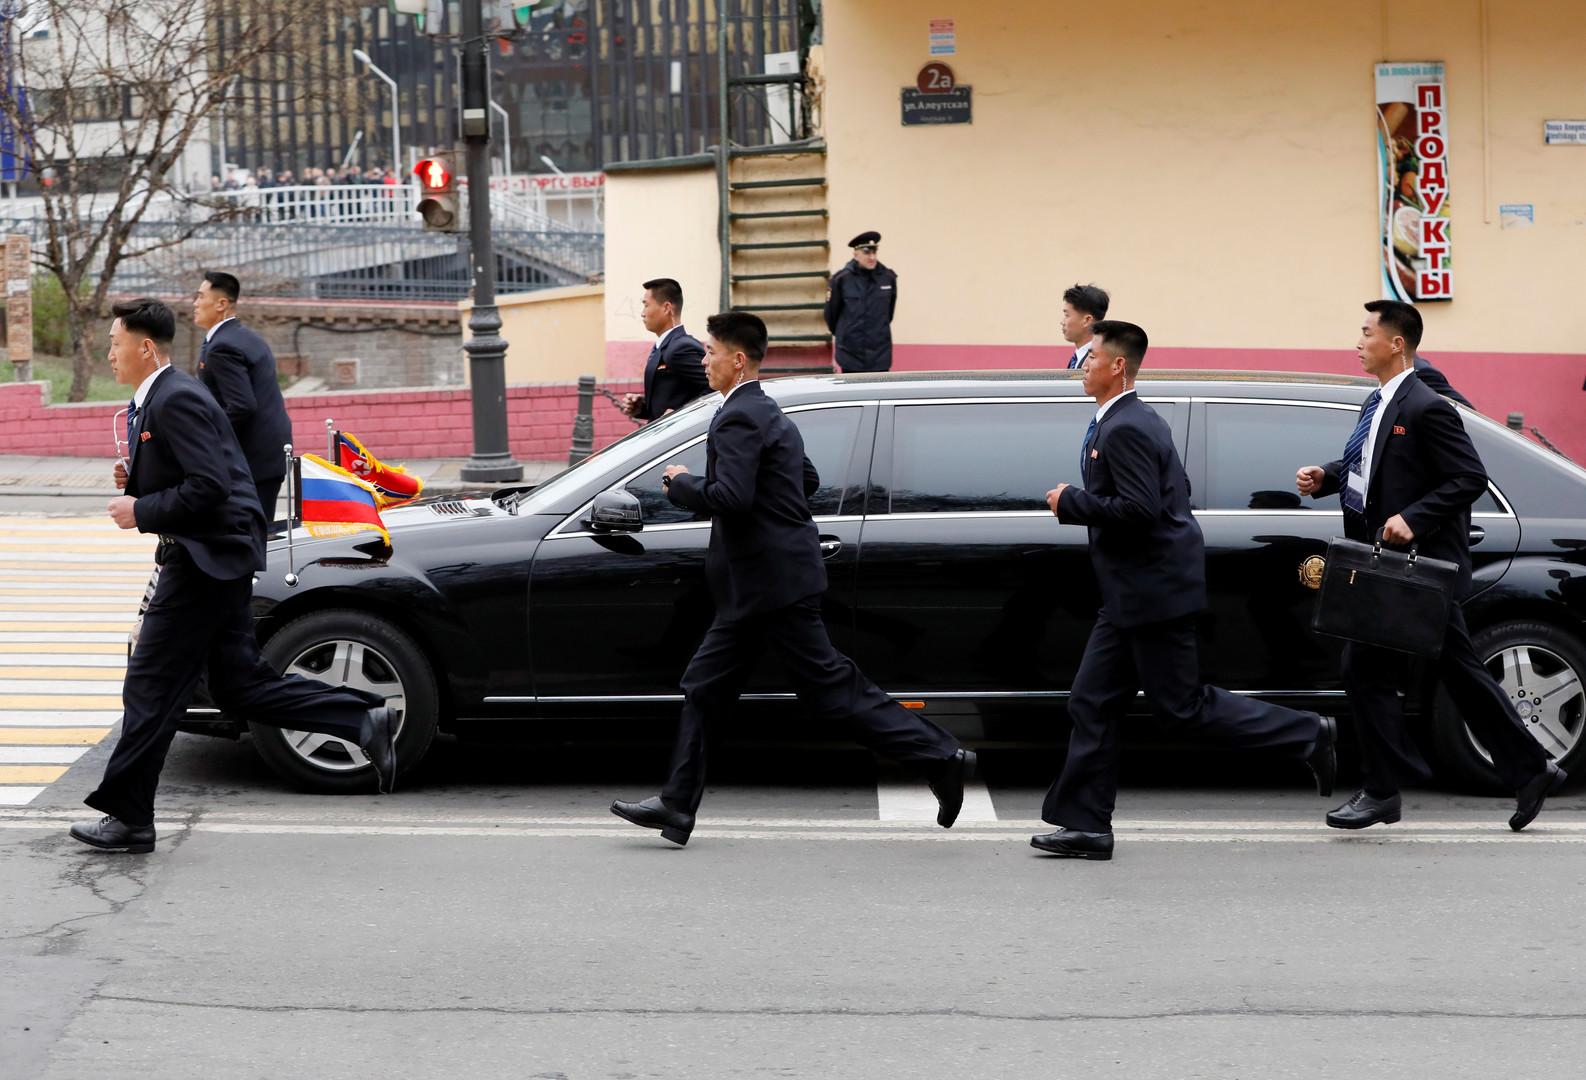 Bodyguards schützen den Staatschef auch in der Limo